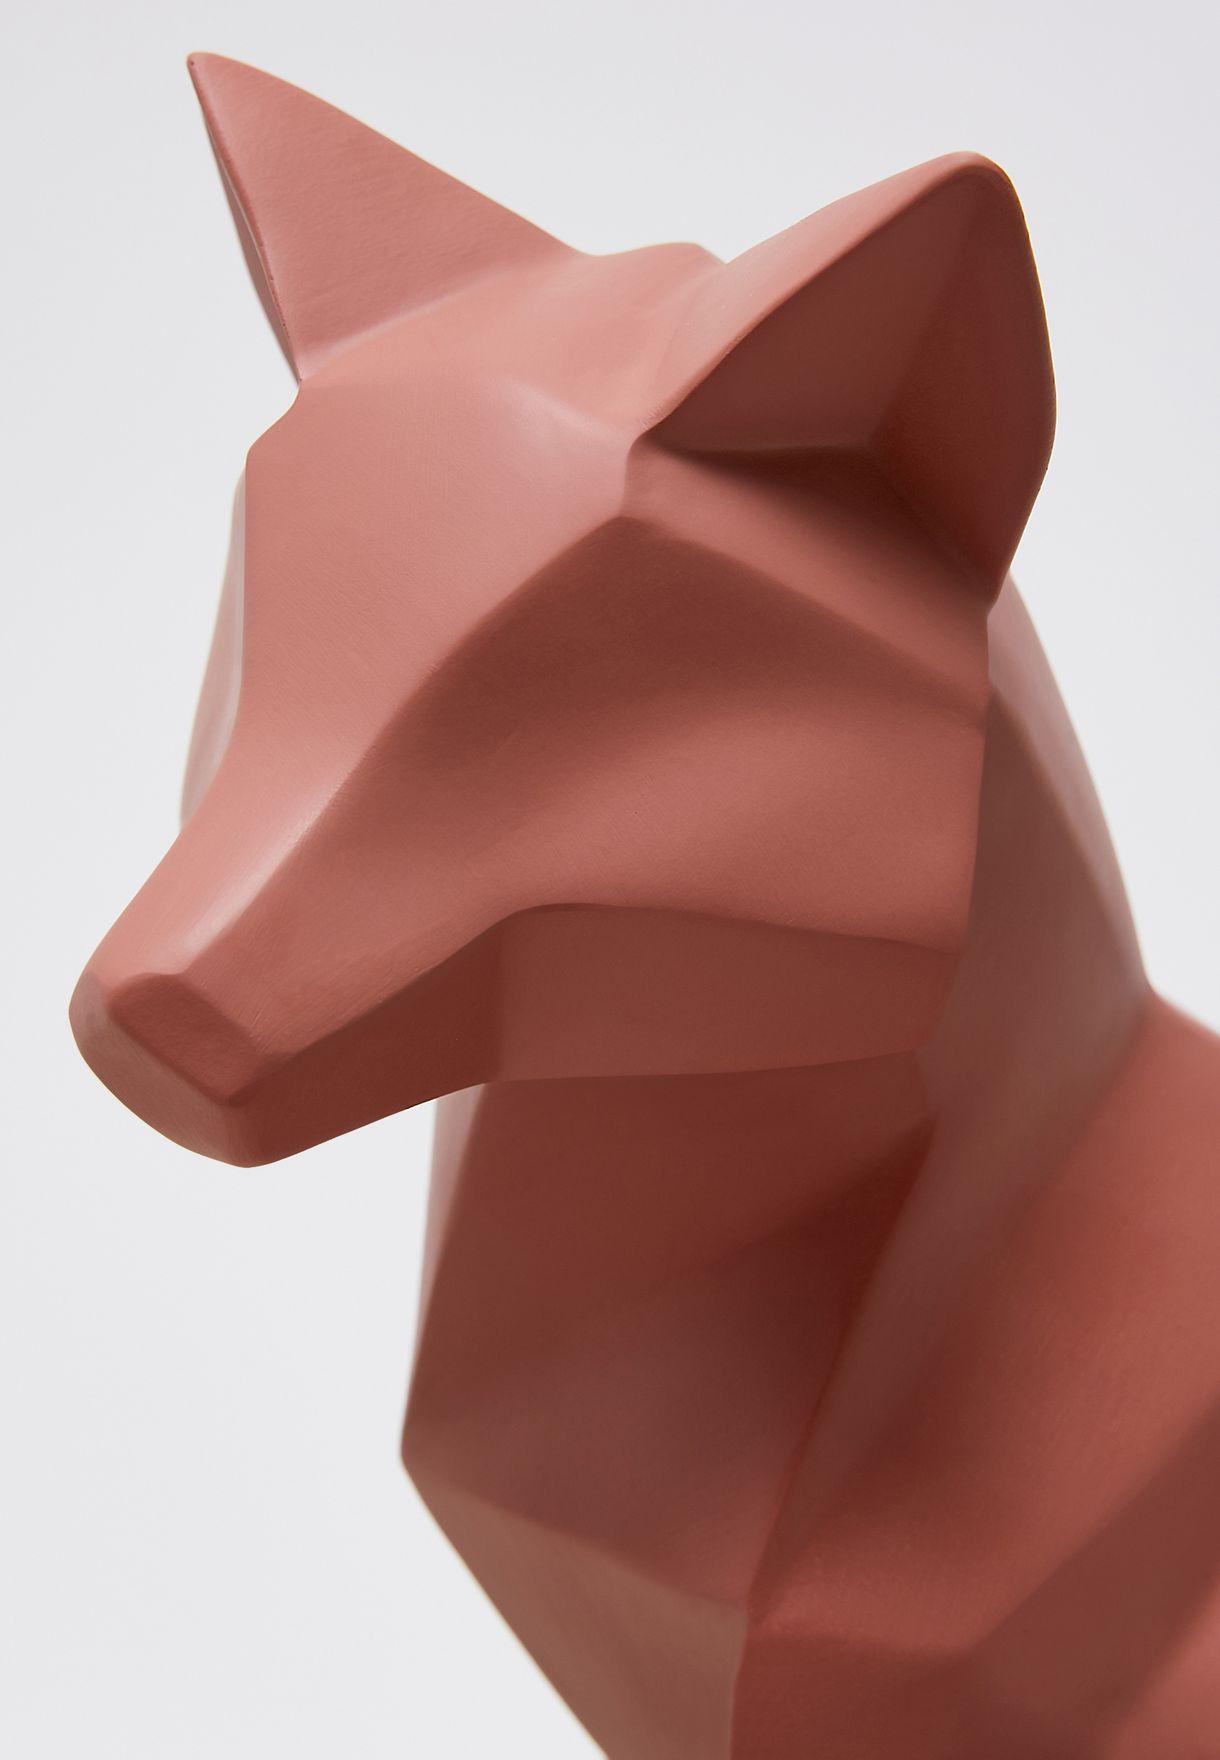 تمثال اوريغامي علي شكل ثعلب